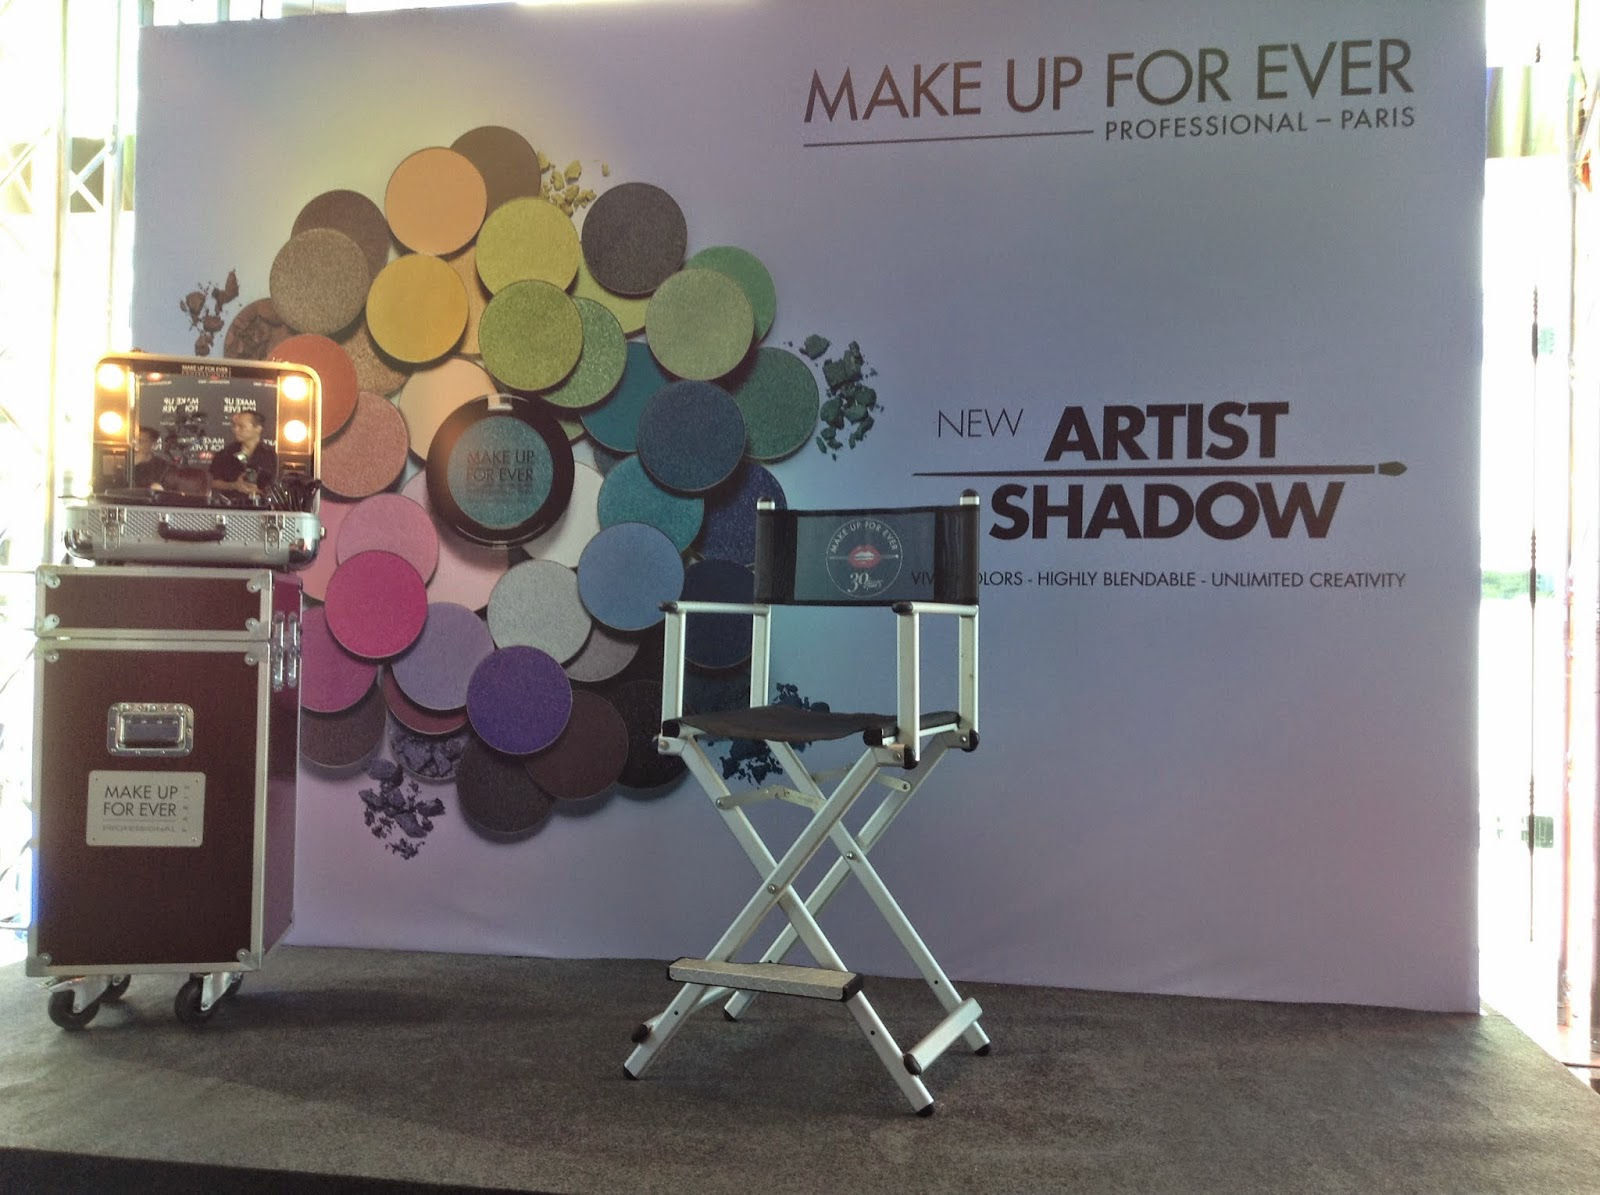 >> 210 新色眼影玩法*MAKE UP FOR EVER 2014 Aug Event﹣Artist Shadow 藝術大師眼影系列